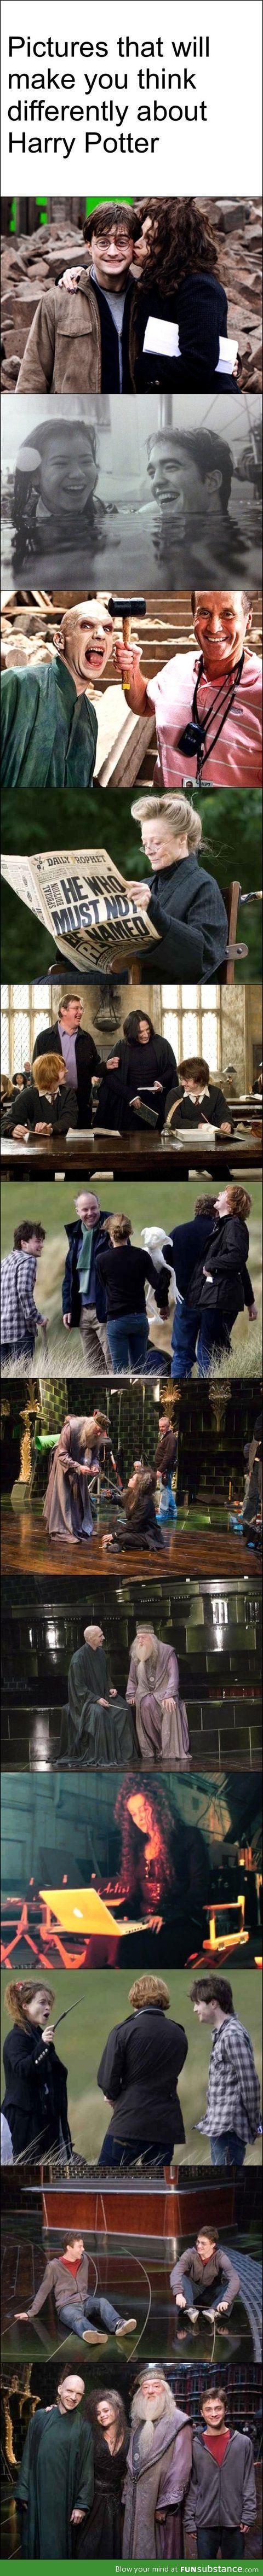 Ce que vous n'avez jamais vu d'Harry Potter